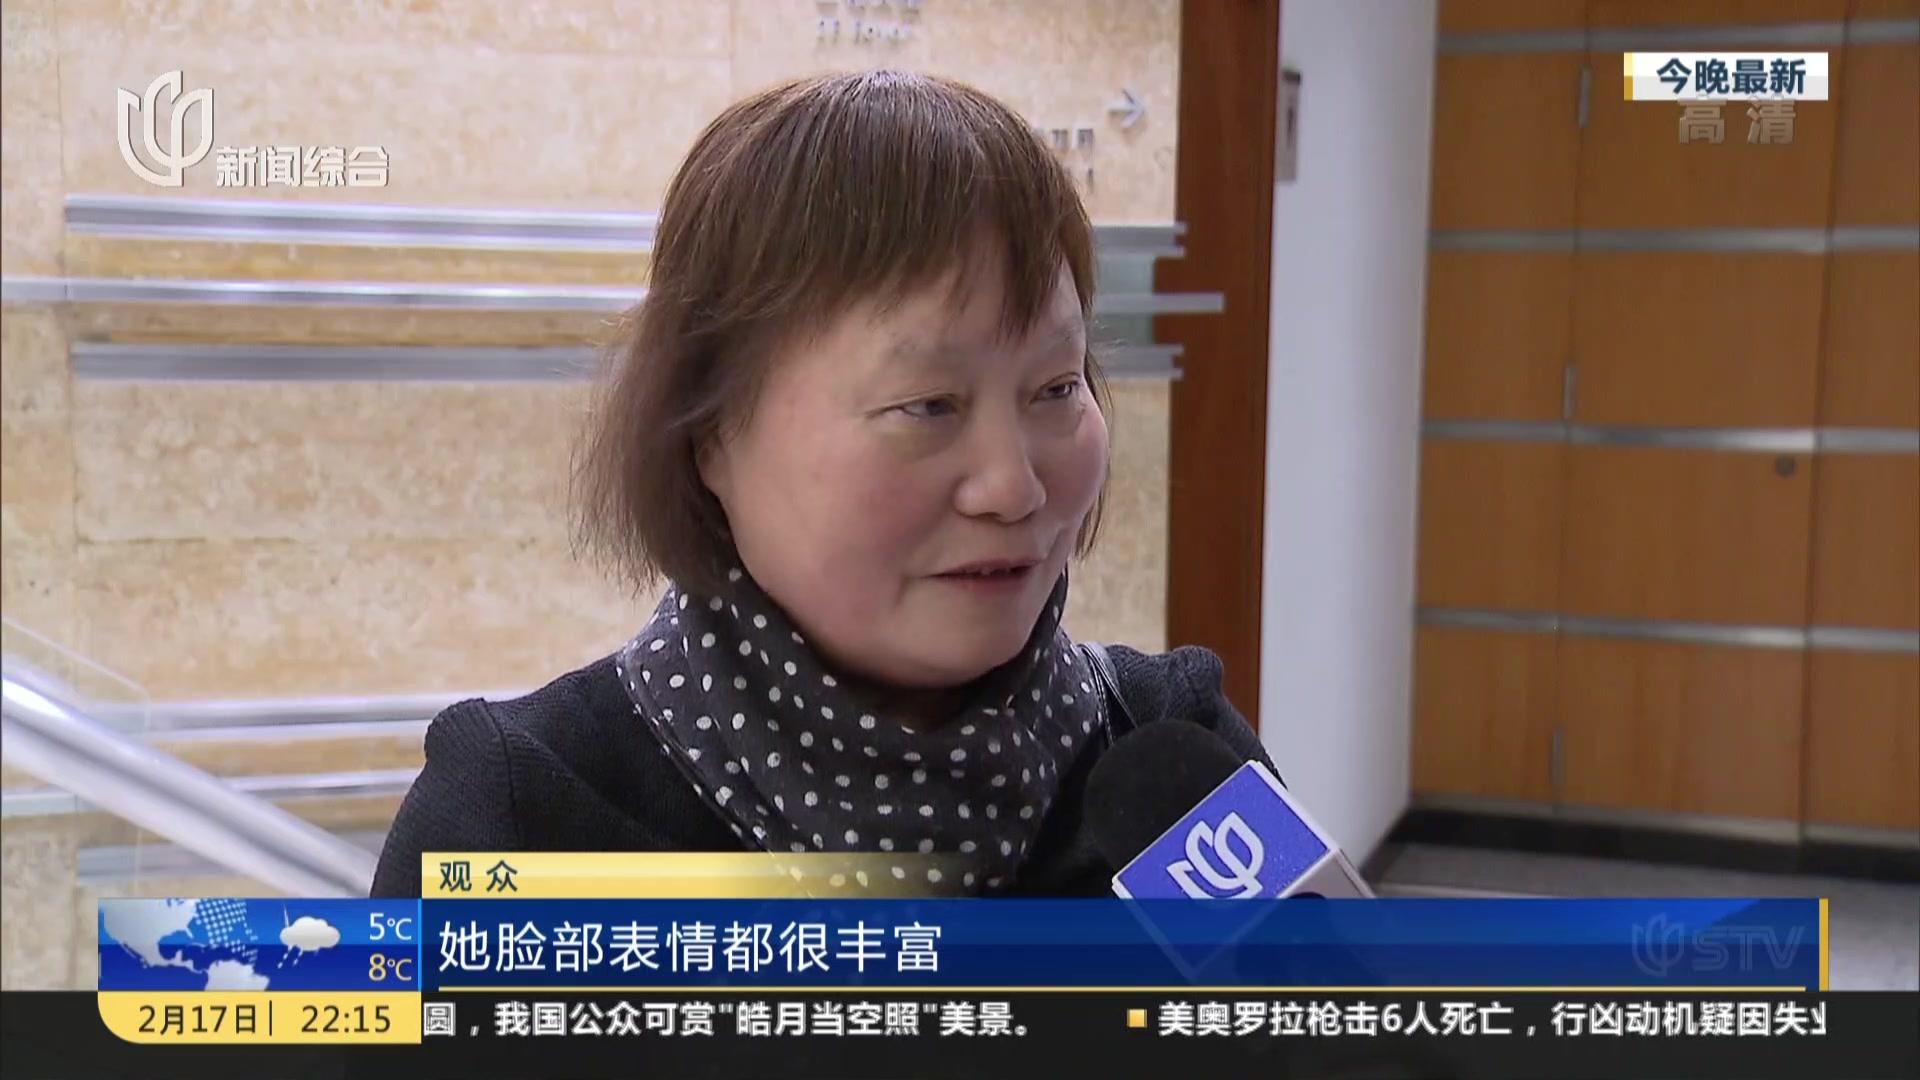 中国首部4K全景声歌剧电影亮相申城